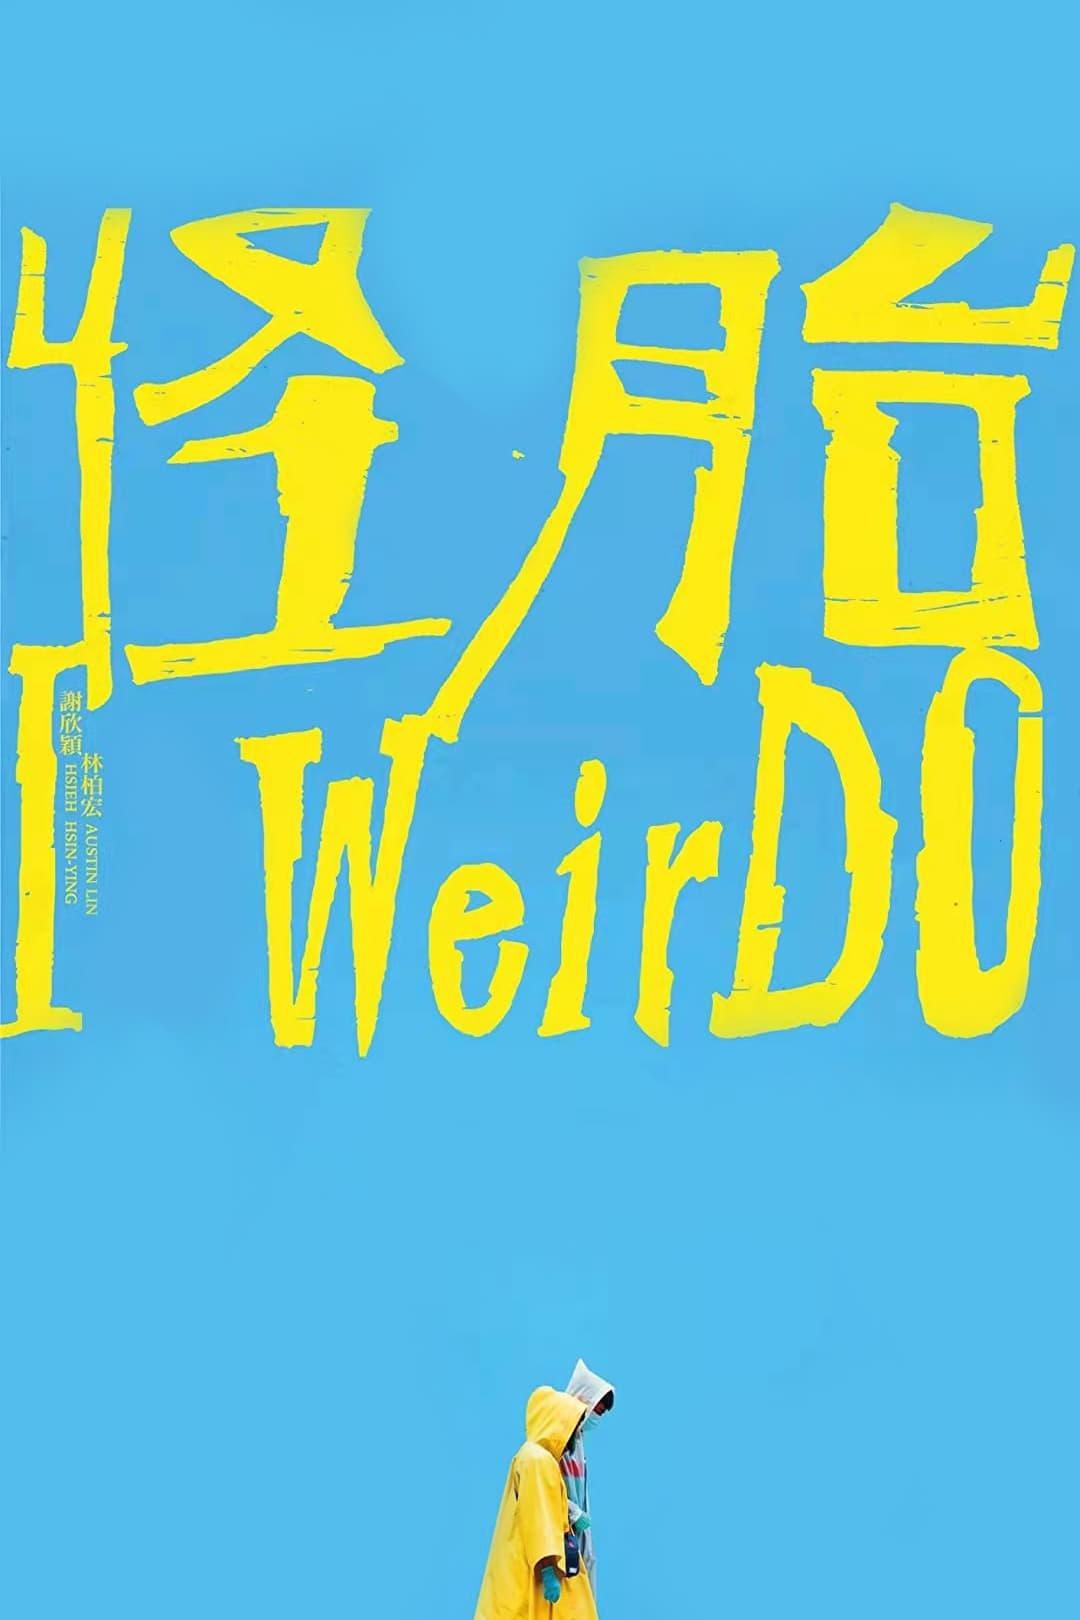 I WeirDO